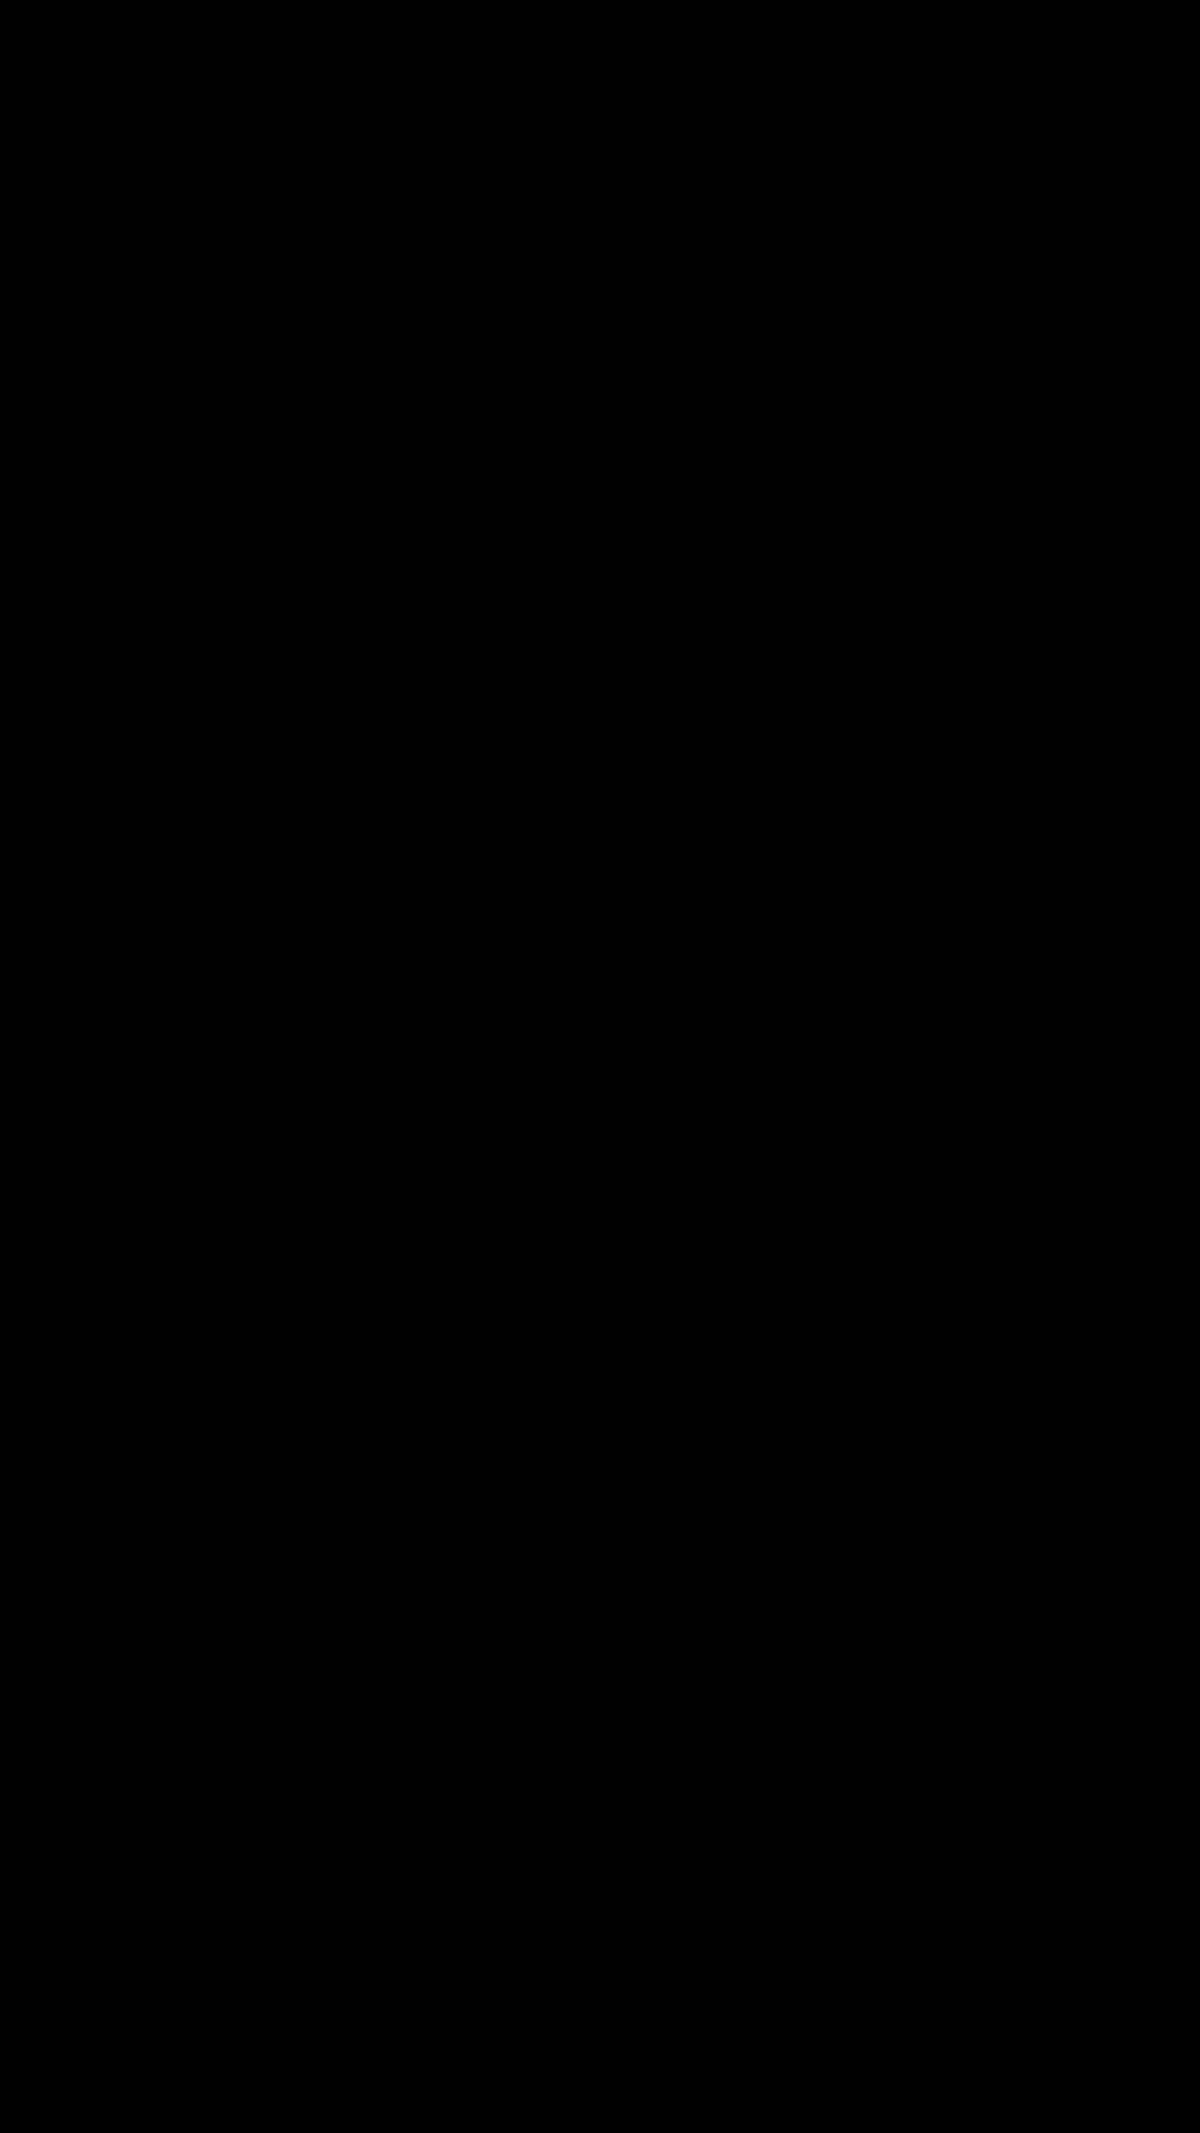 Timbercraft Denali bedroom